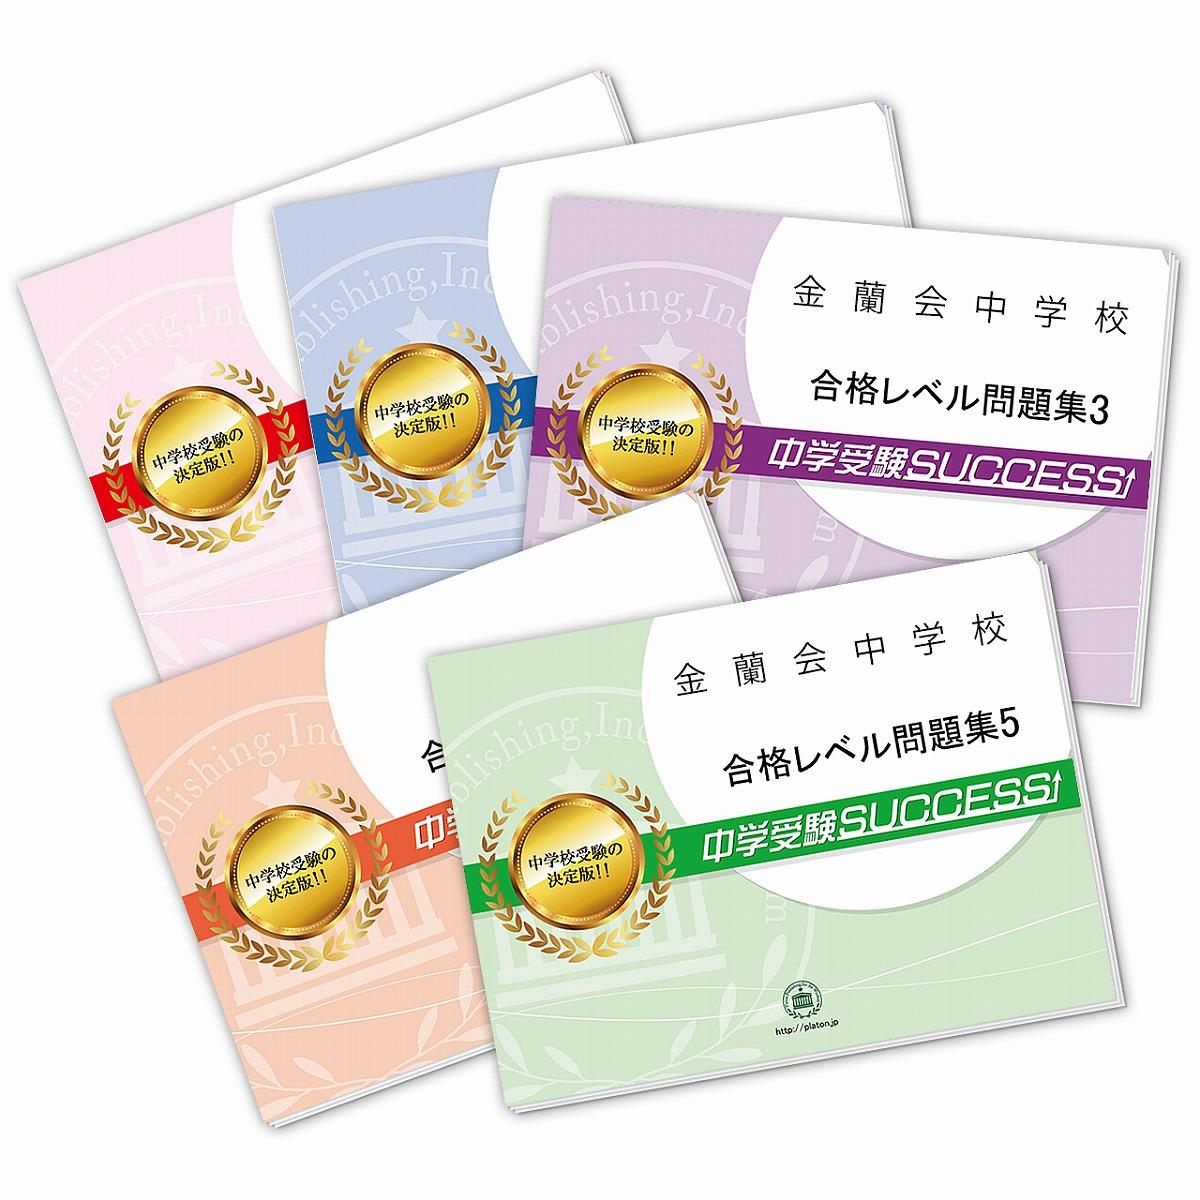 【送料・代引手数料無料】金蘭会中学校・直前対策合格セット(5冊)